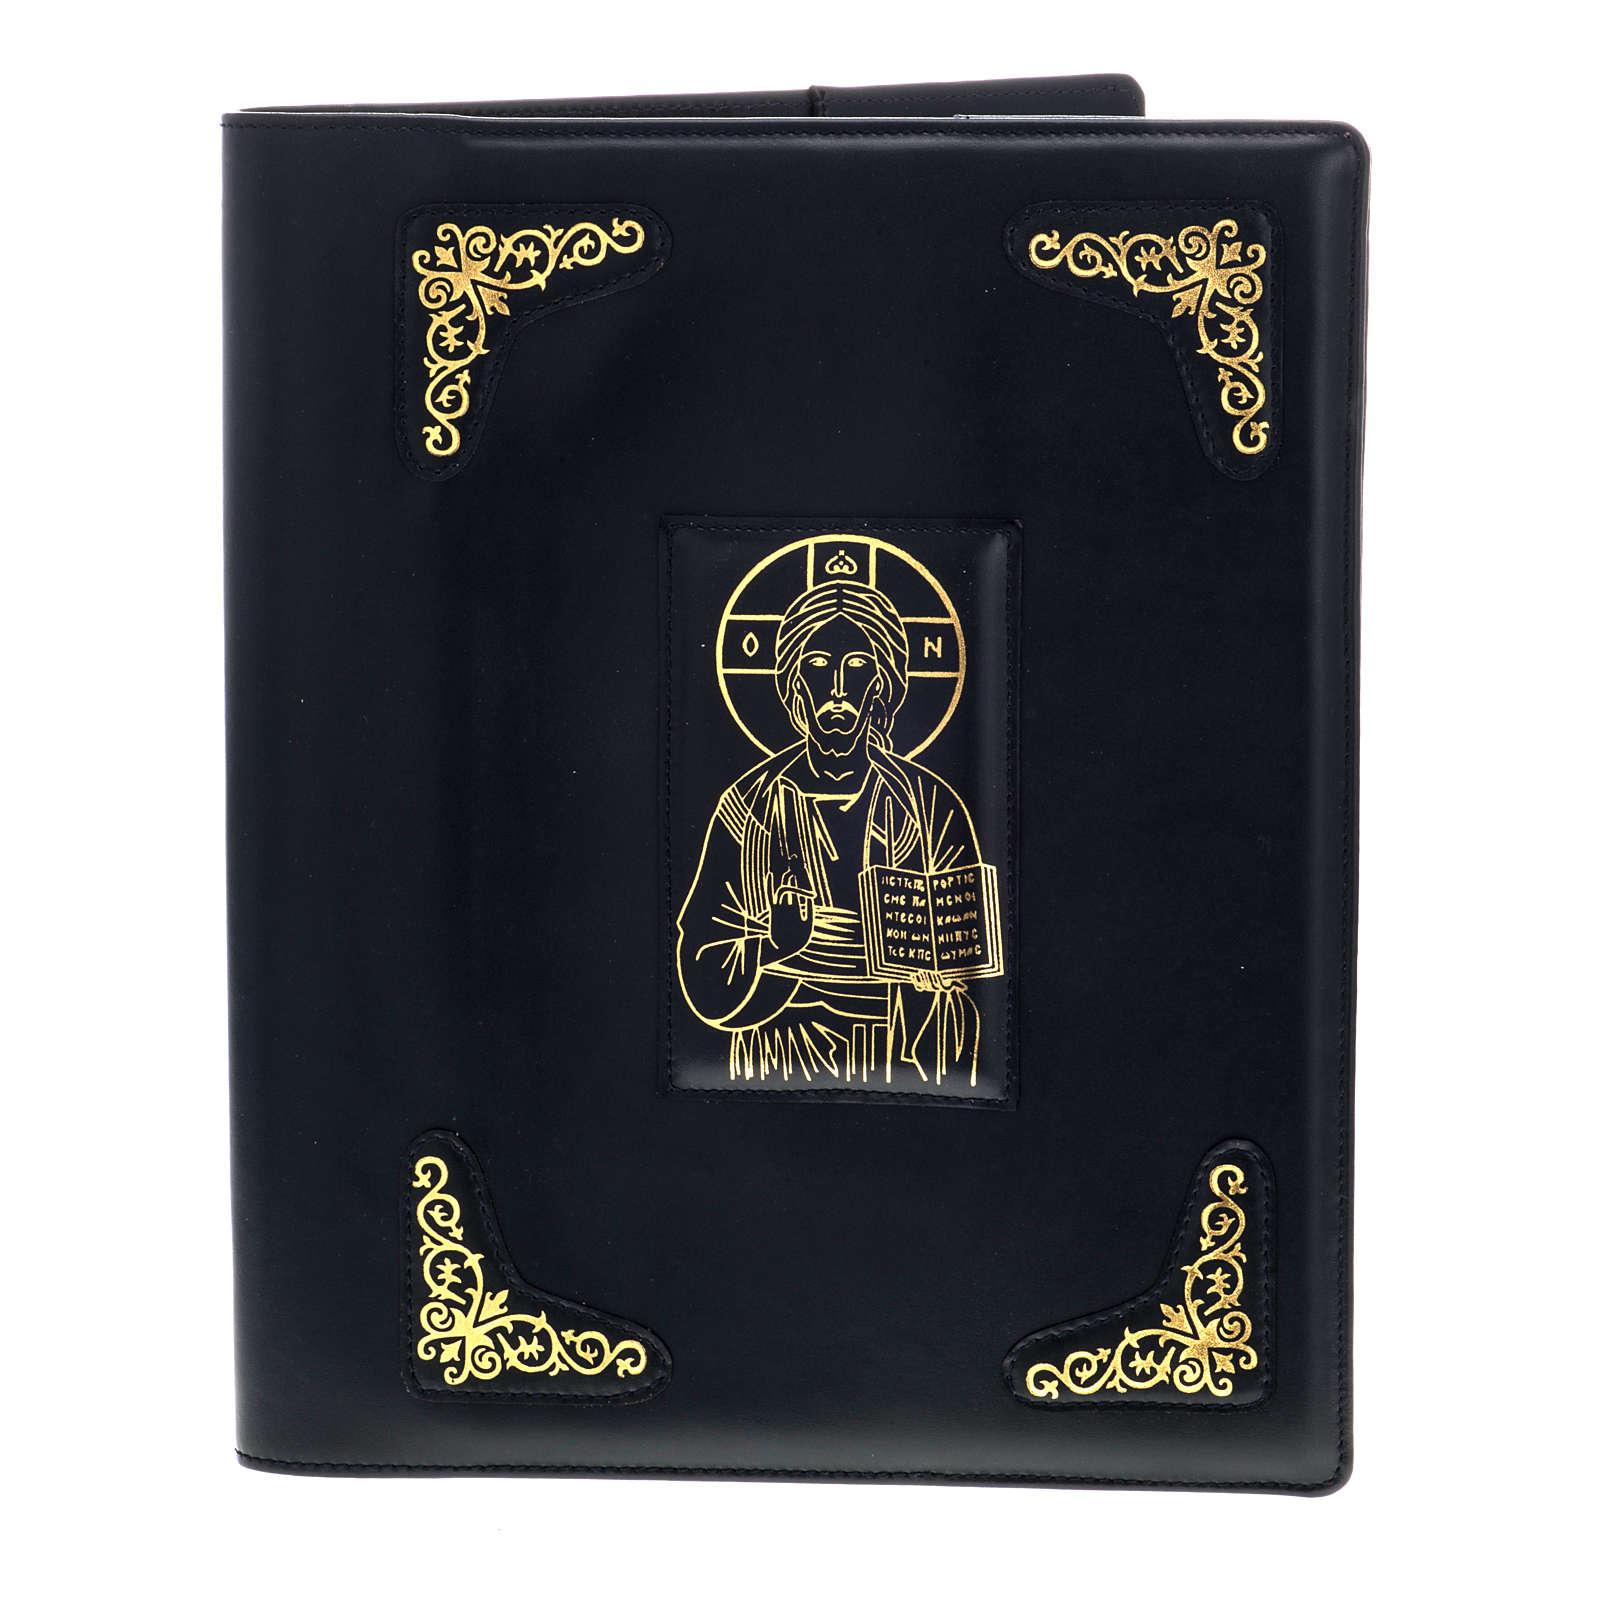 Messbuch Einband schwarz pressvergoldet 4